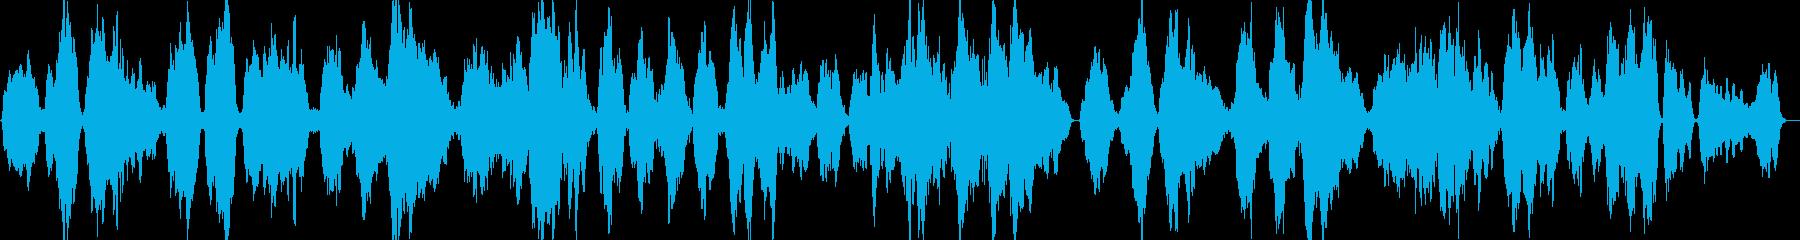 クラシック センチメンタル 感情的...の再生済みの波形